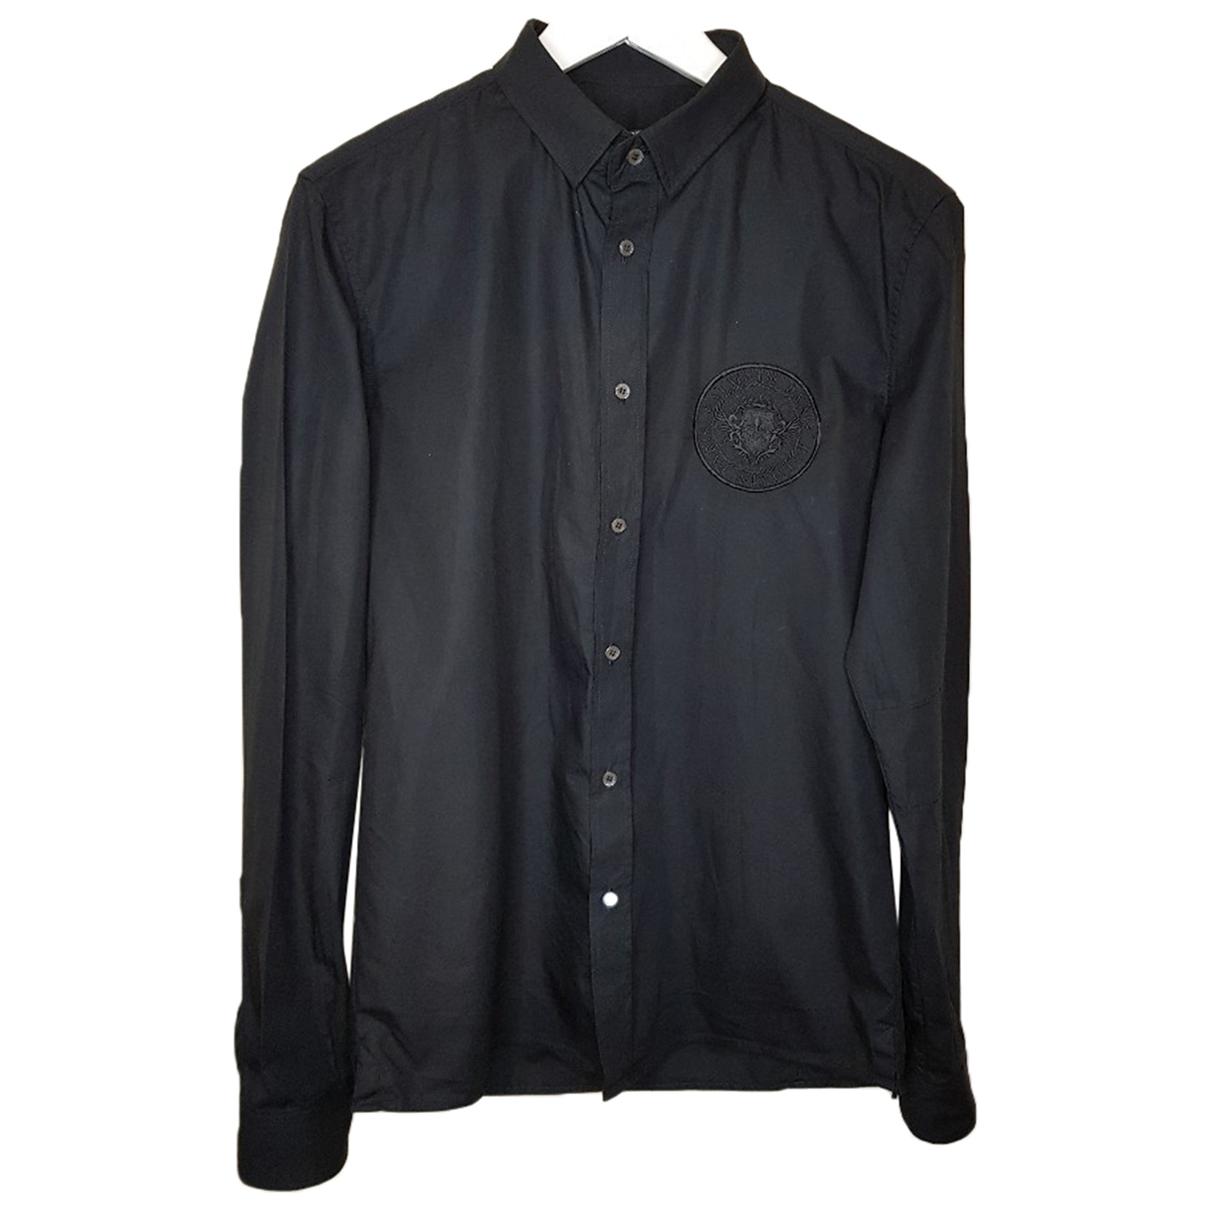 Balmain \N Black Cotton Shirts for Men 38 EU (tour de cou / collar)